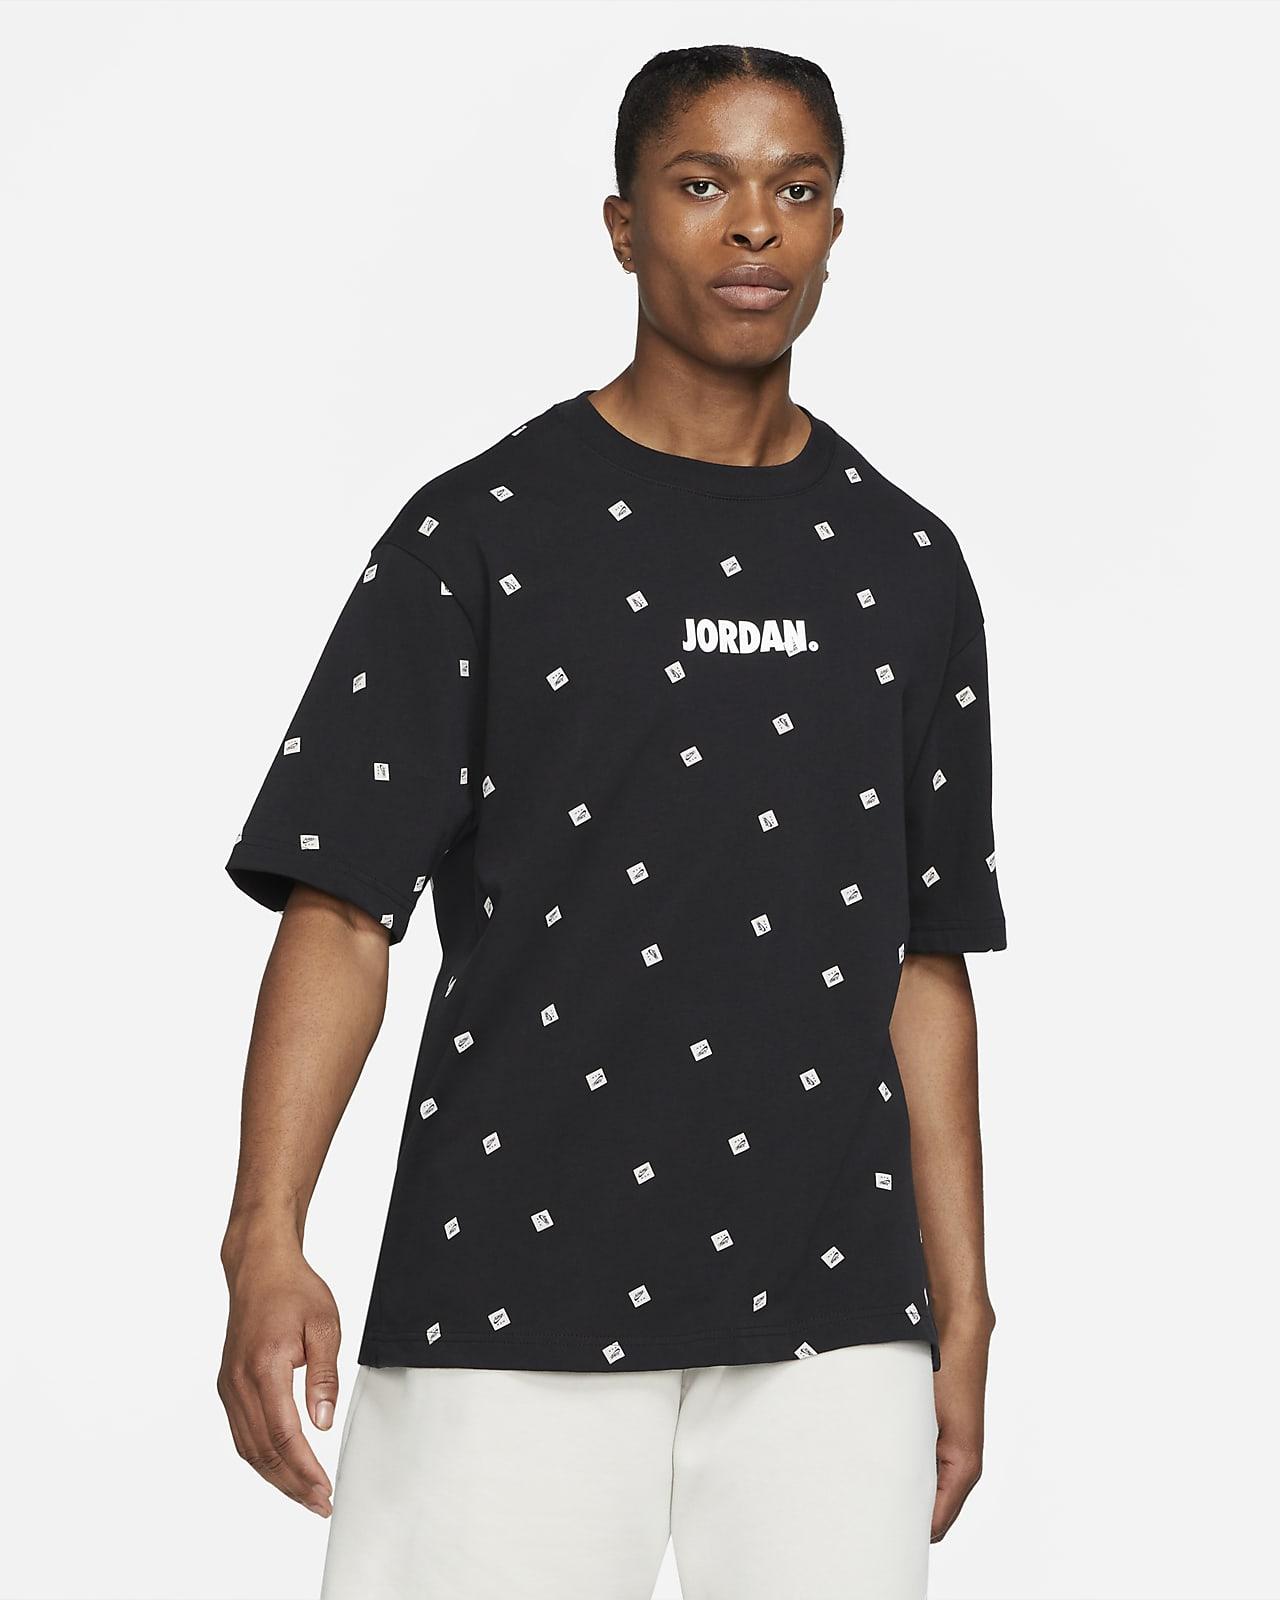 Jordan Jumpman Classics T-shirt voor heren